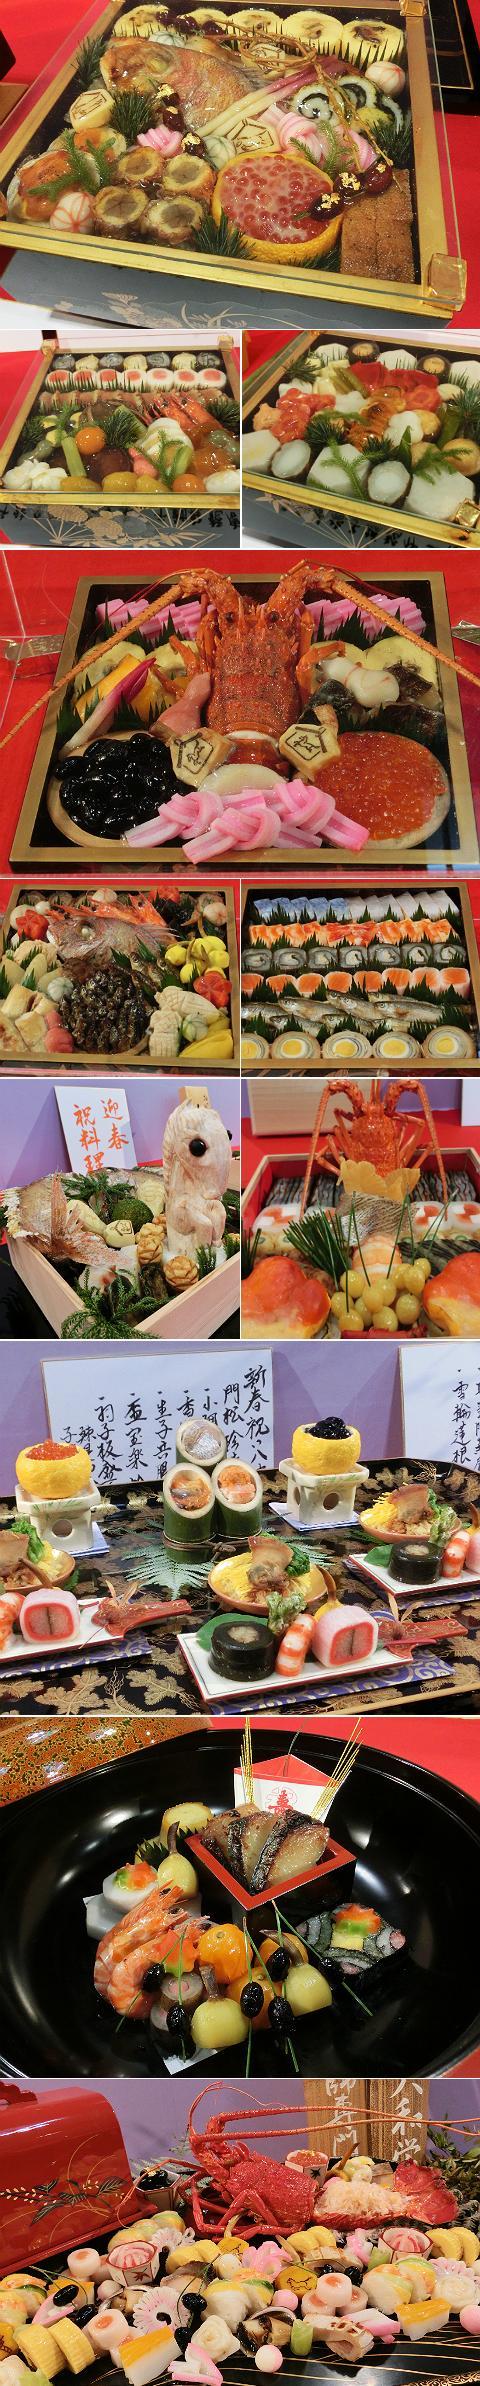 第108回 京料理展示大会 料理展示 (その1)